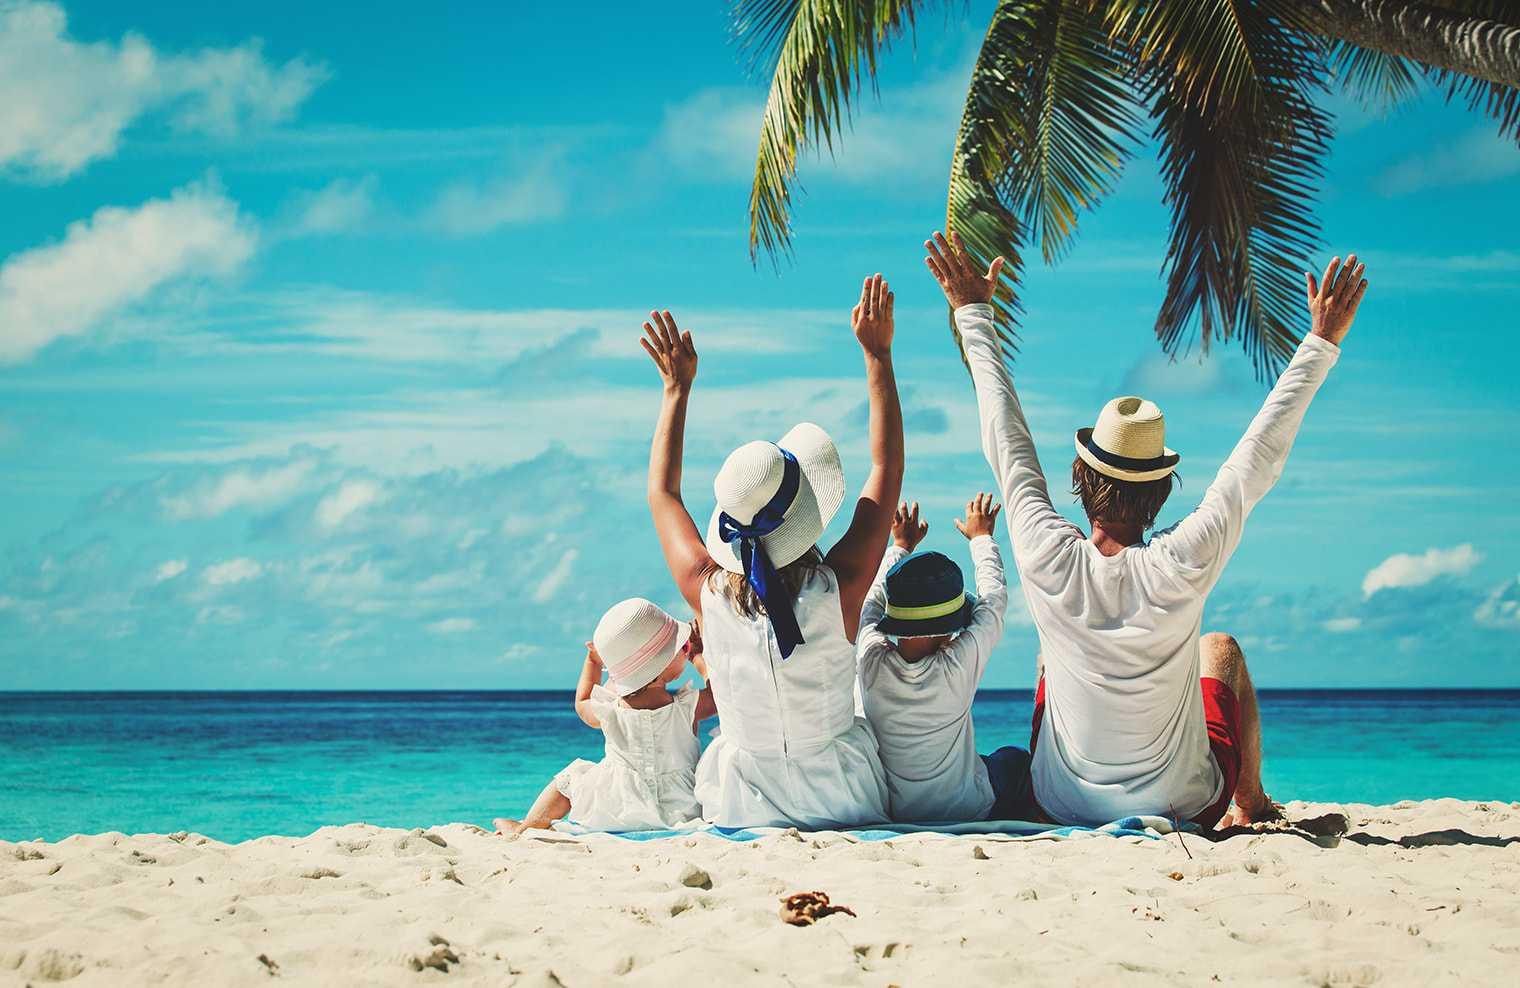 子連れ旅におすすめの旅行先と宿泊施設を選ぶコツ・年齢別まとめ